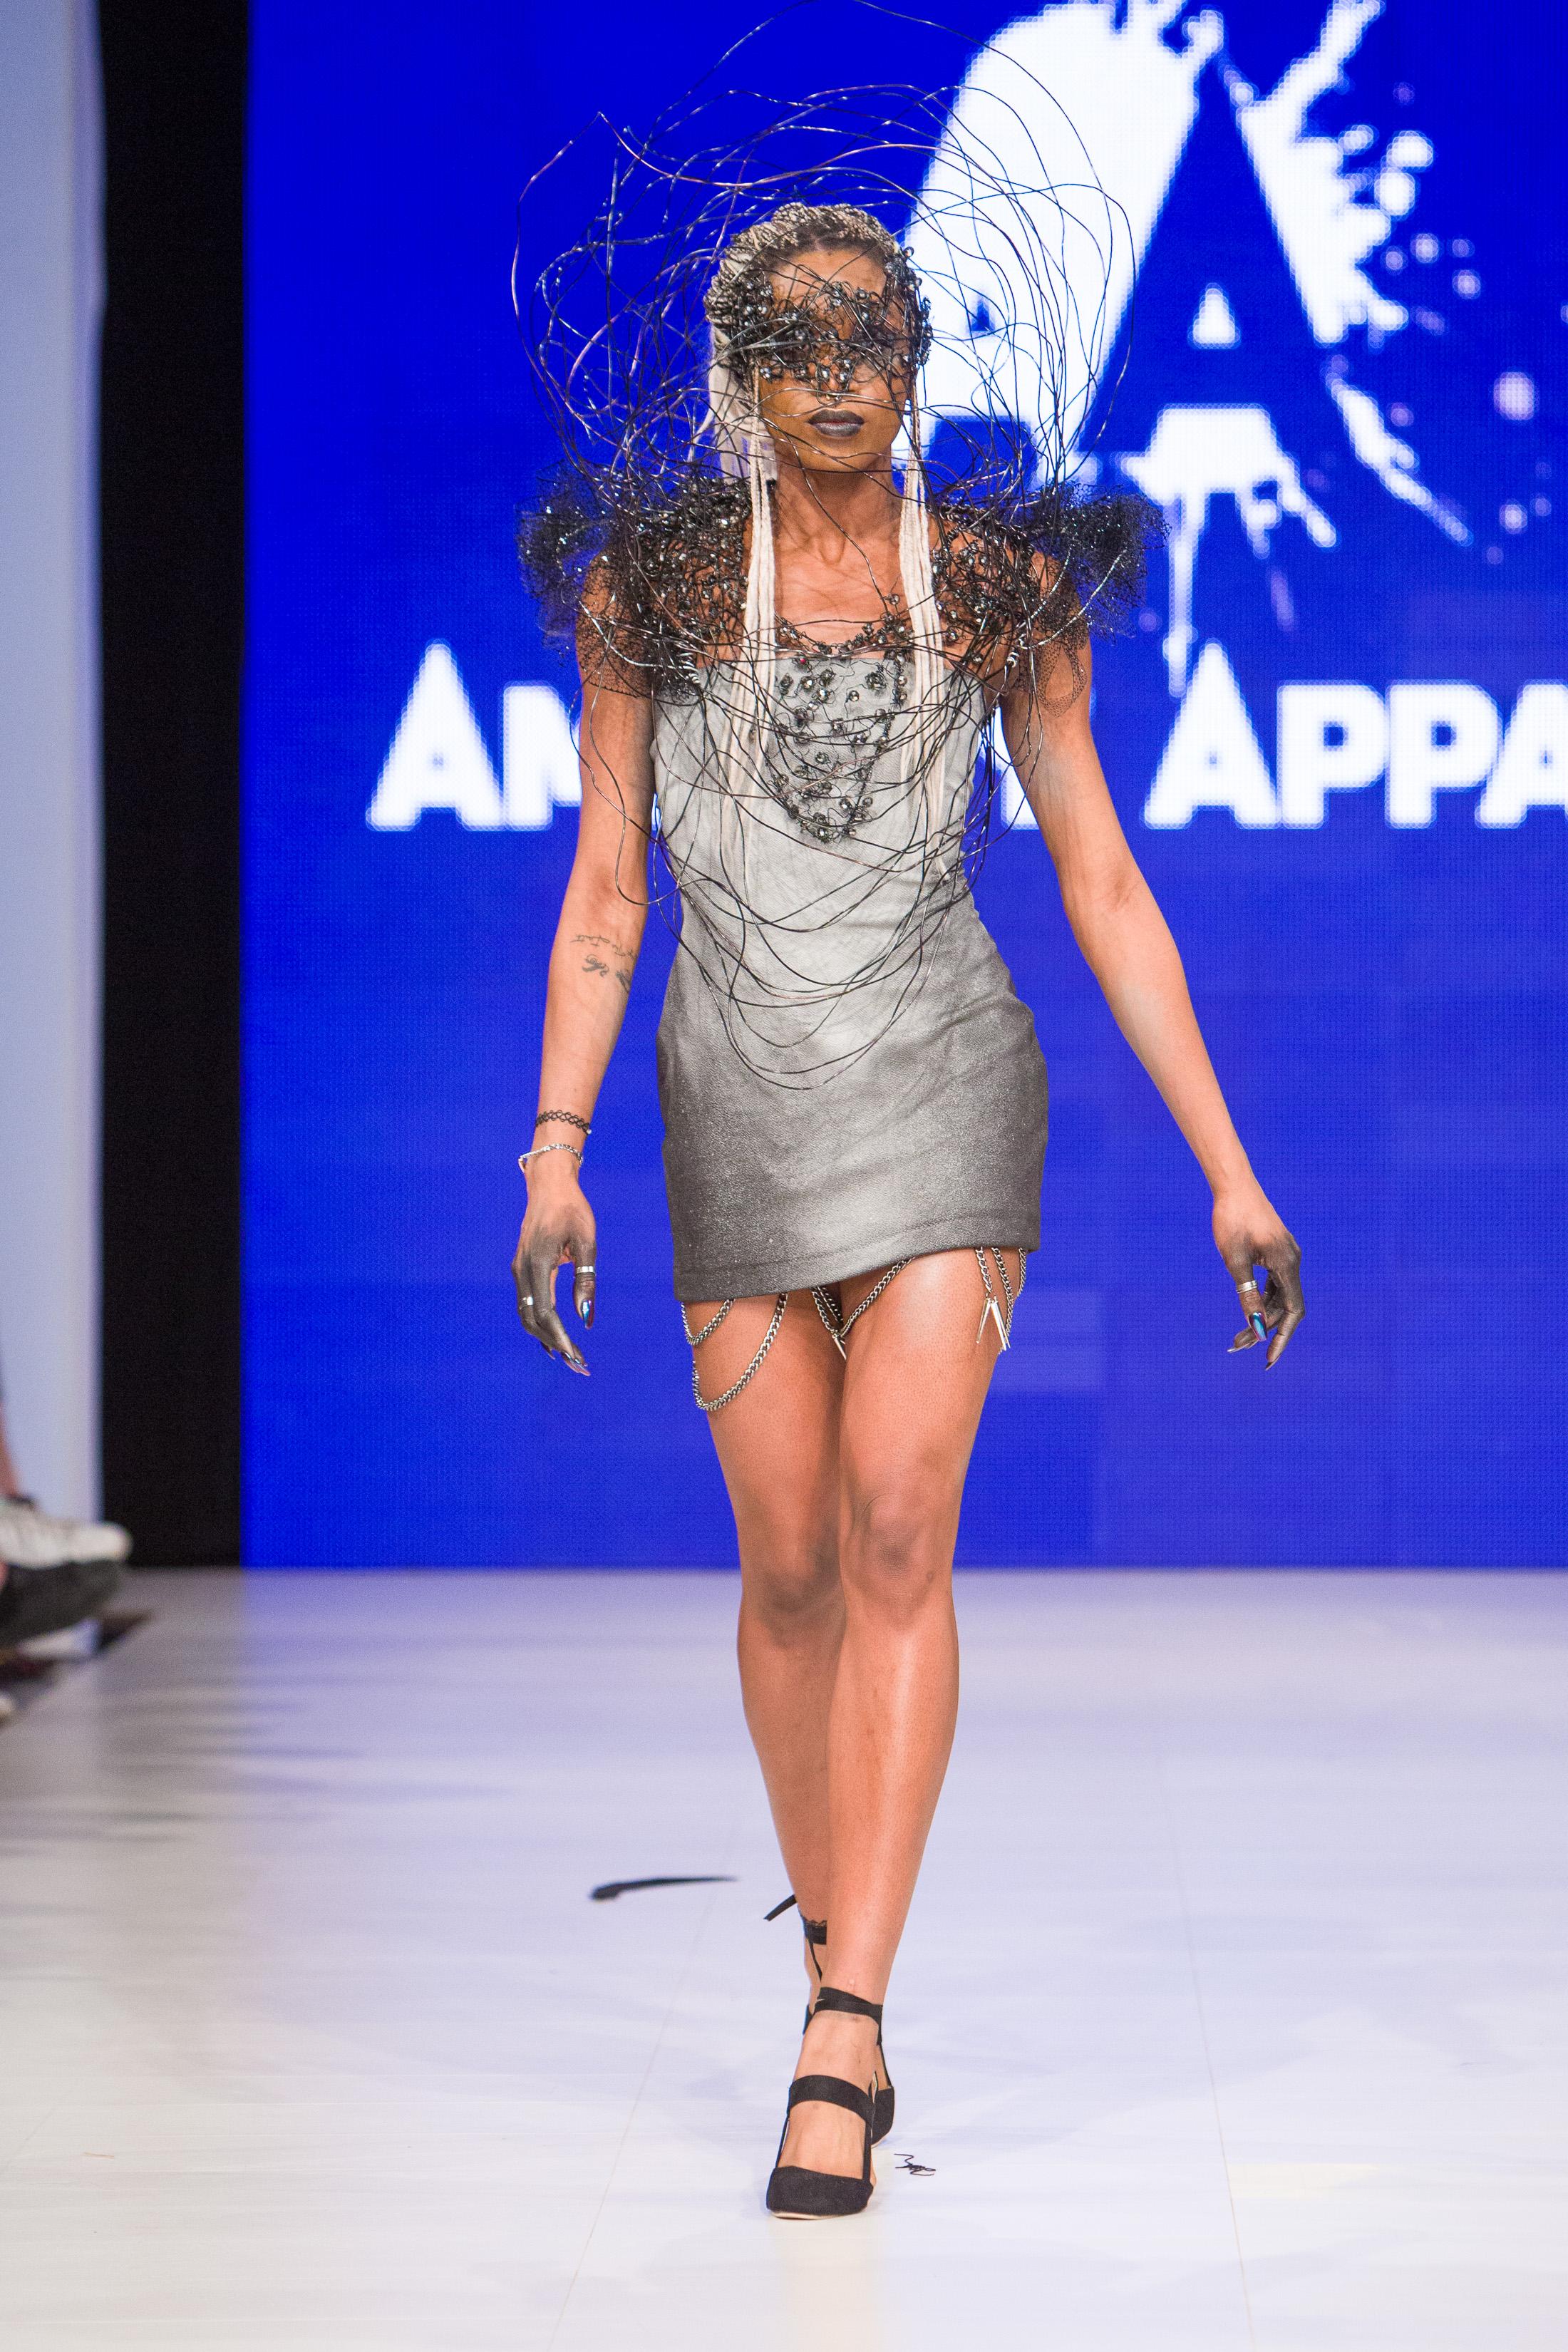 FAT2018-Wed-April-18-amplify-apparel-runway-shayne-gray-7938.jpg